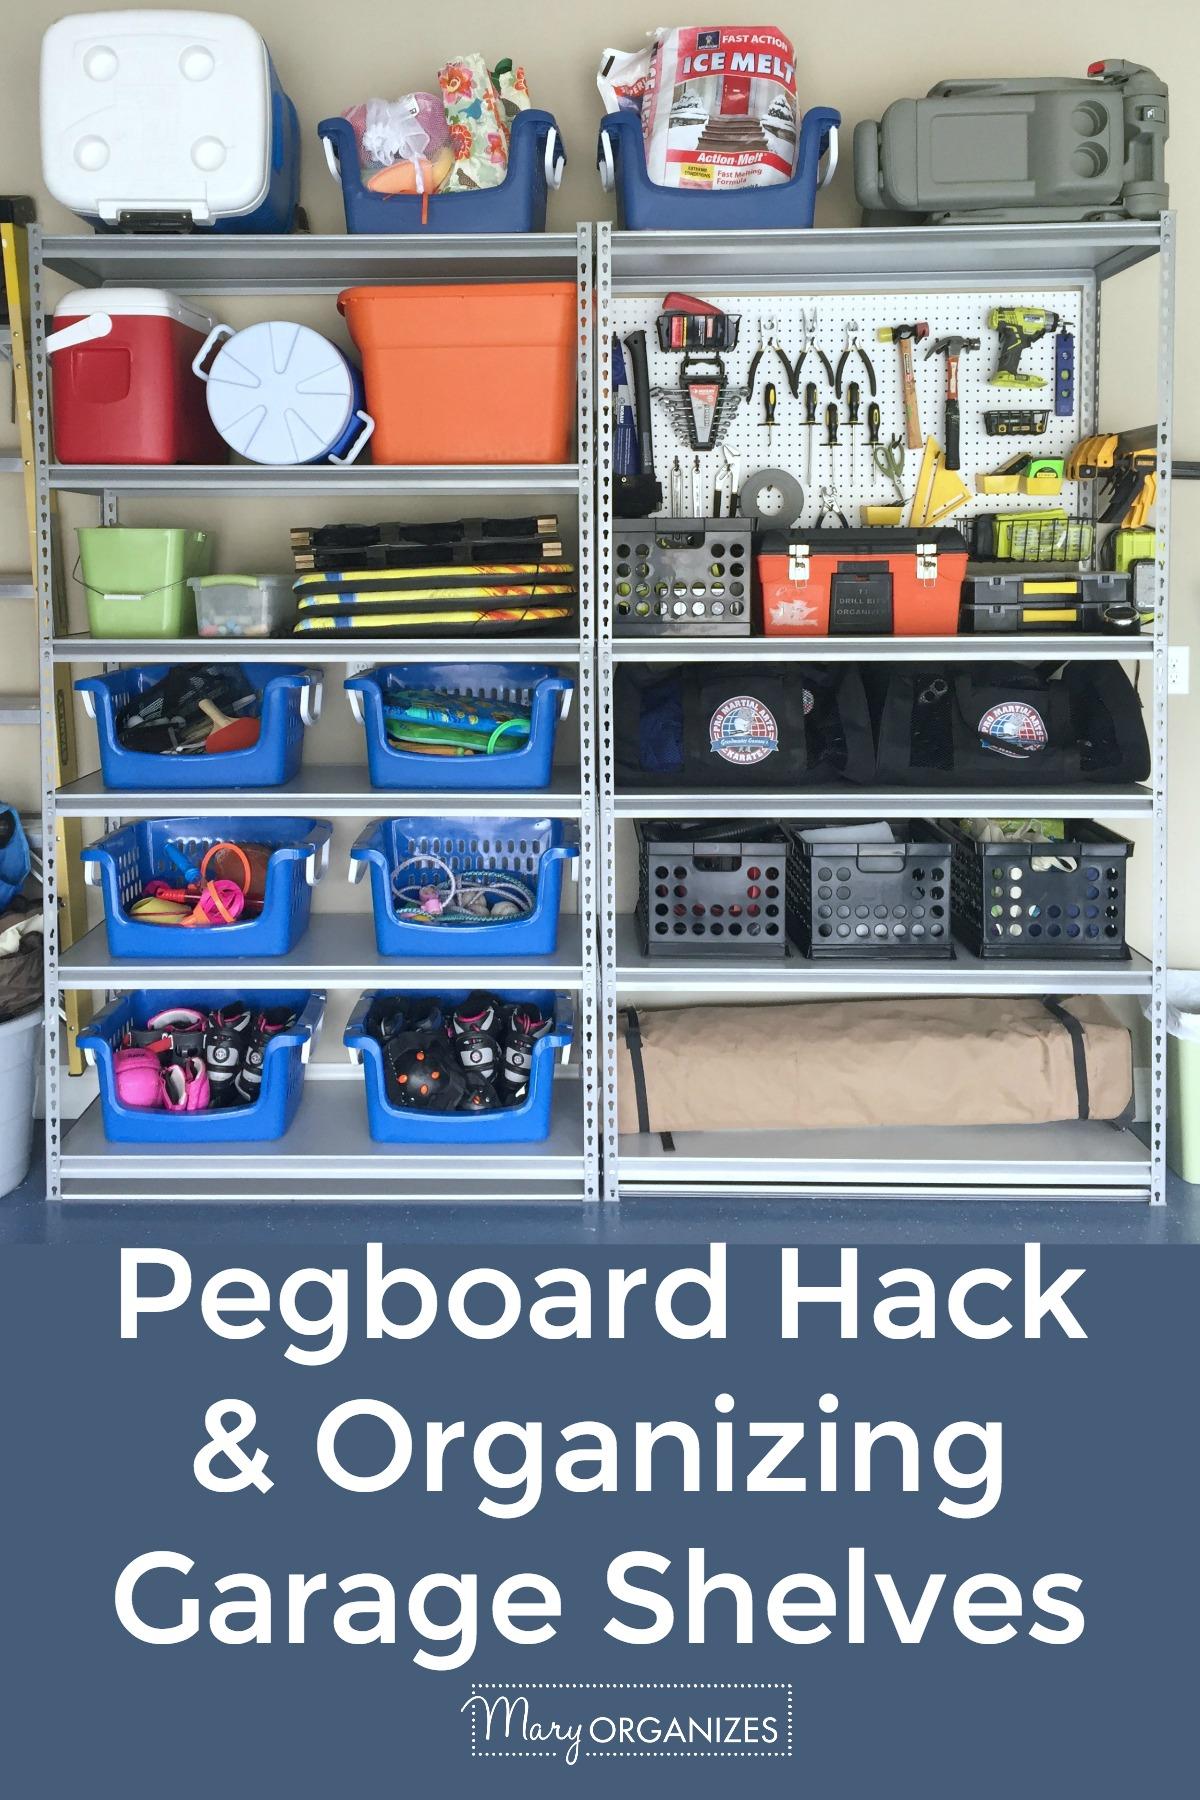 Pegboard Hack And Organizing Garage Shelves  V